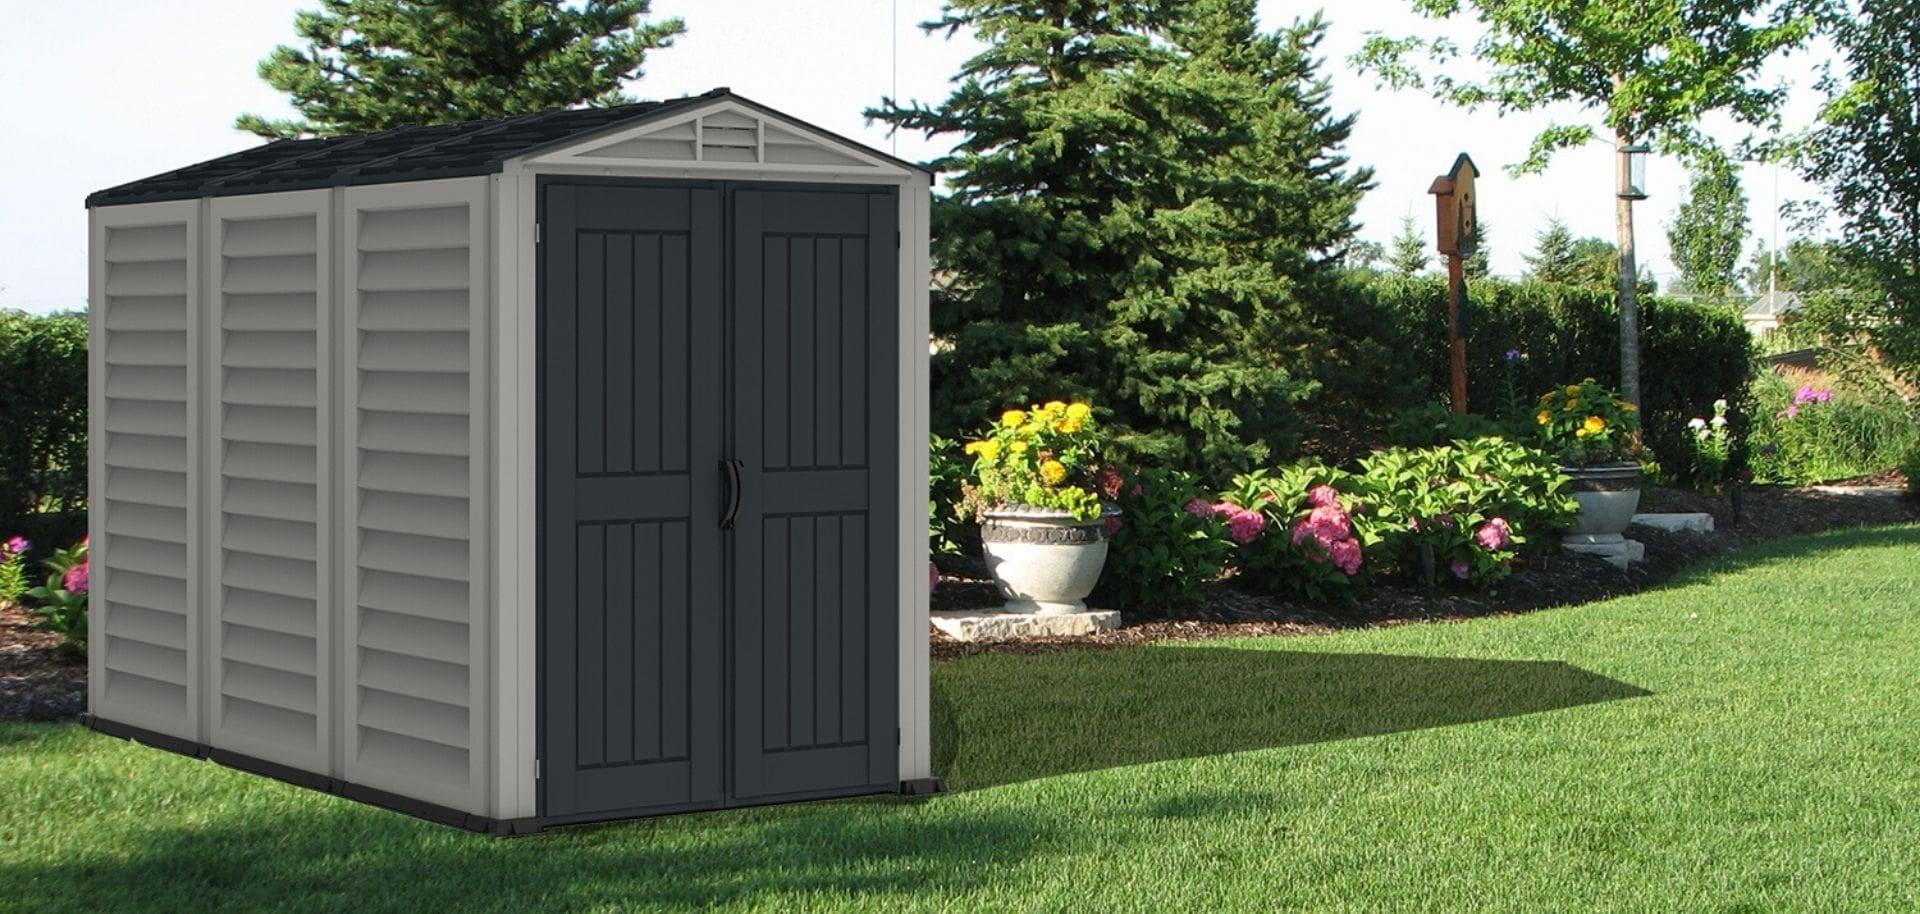 Scopri le nuove casette da giardino super scontate!